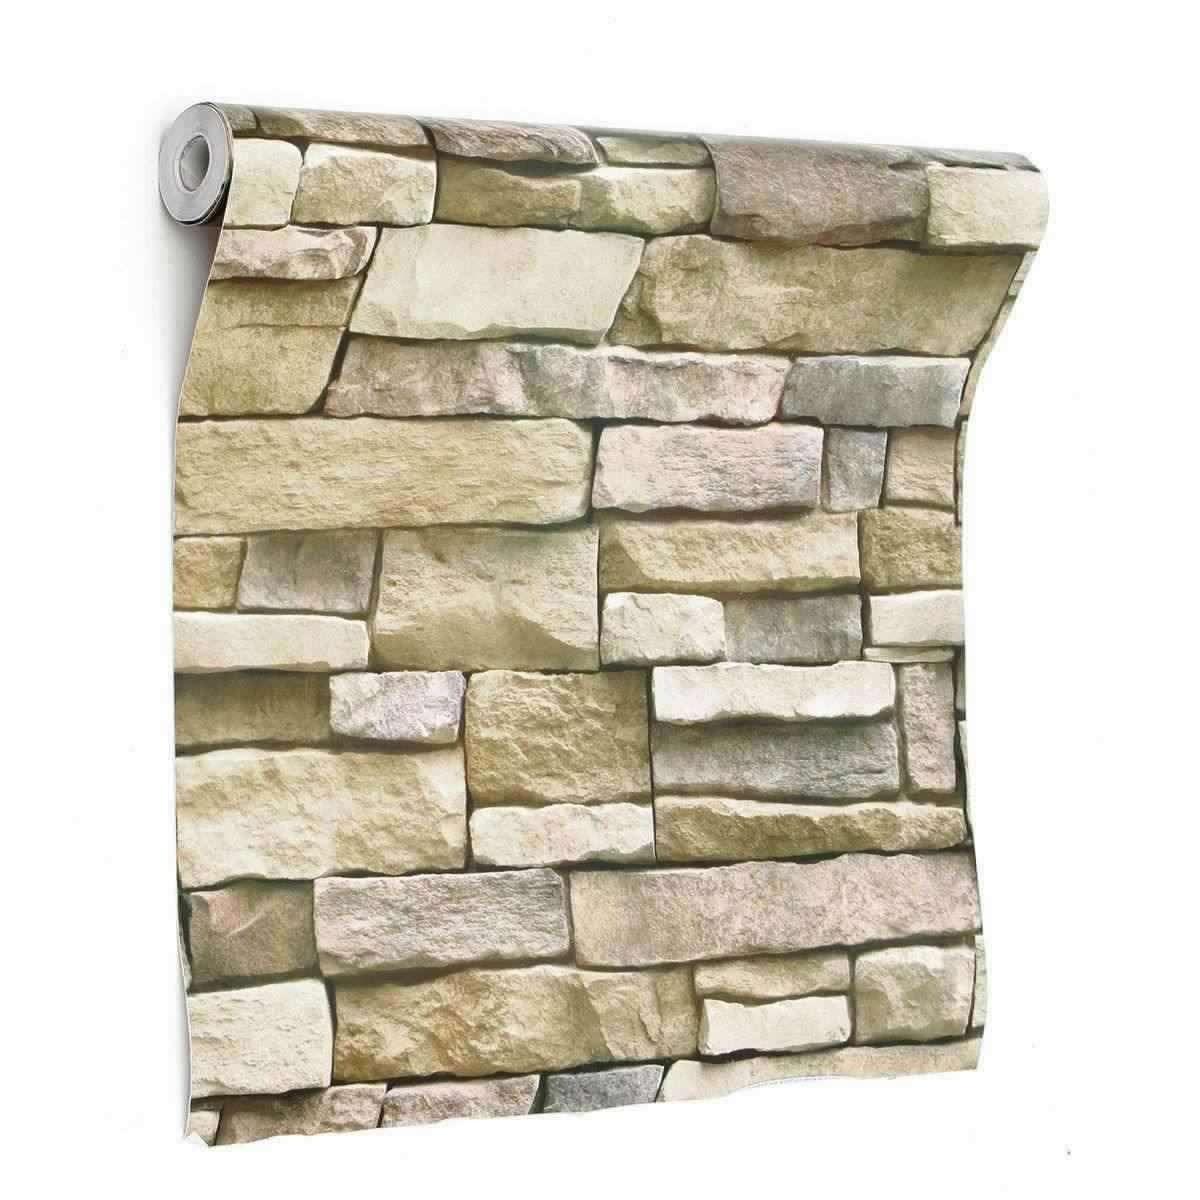 3d Wall Paper Brick Stone Pattern Sticker Rolls Self Adhesiv